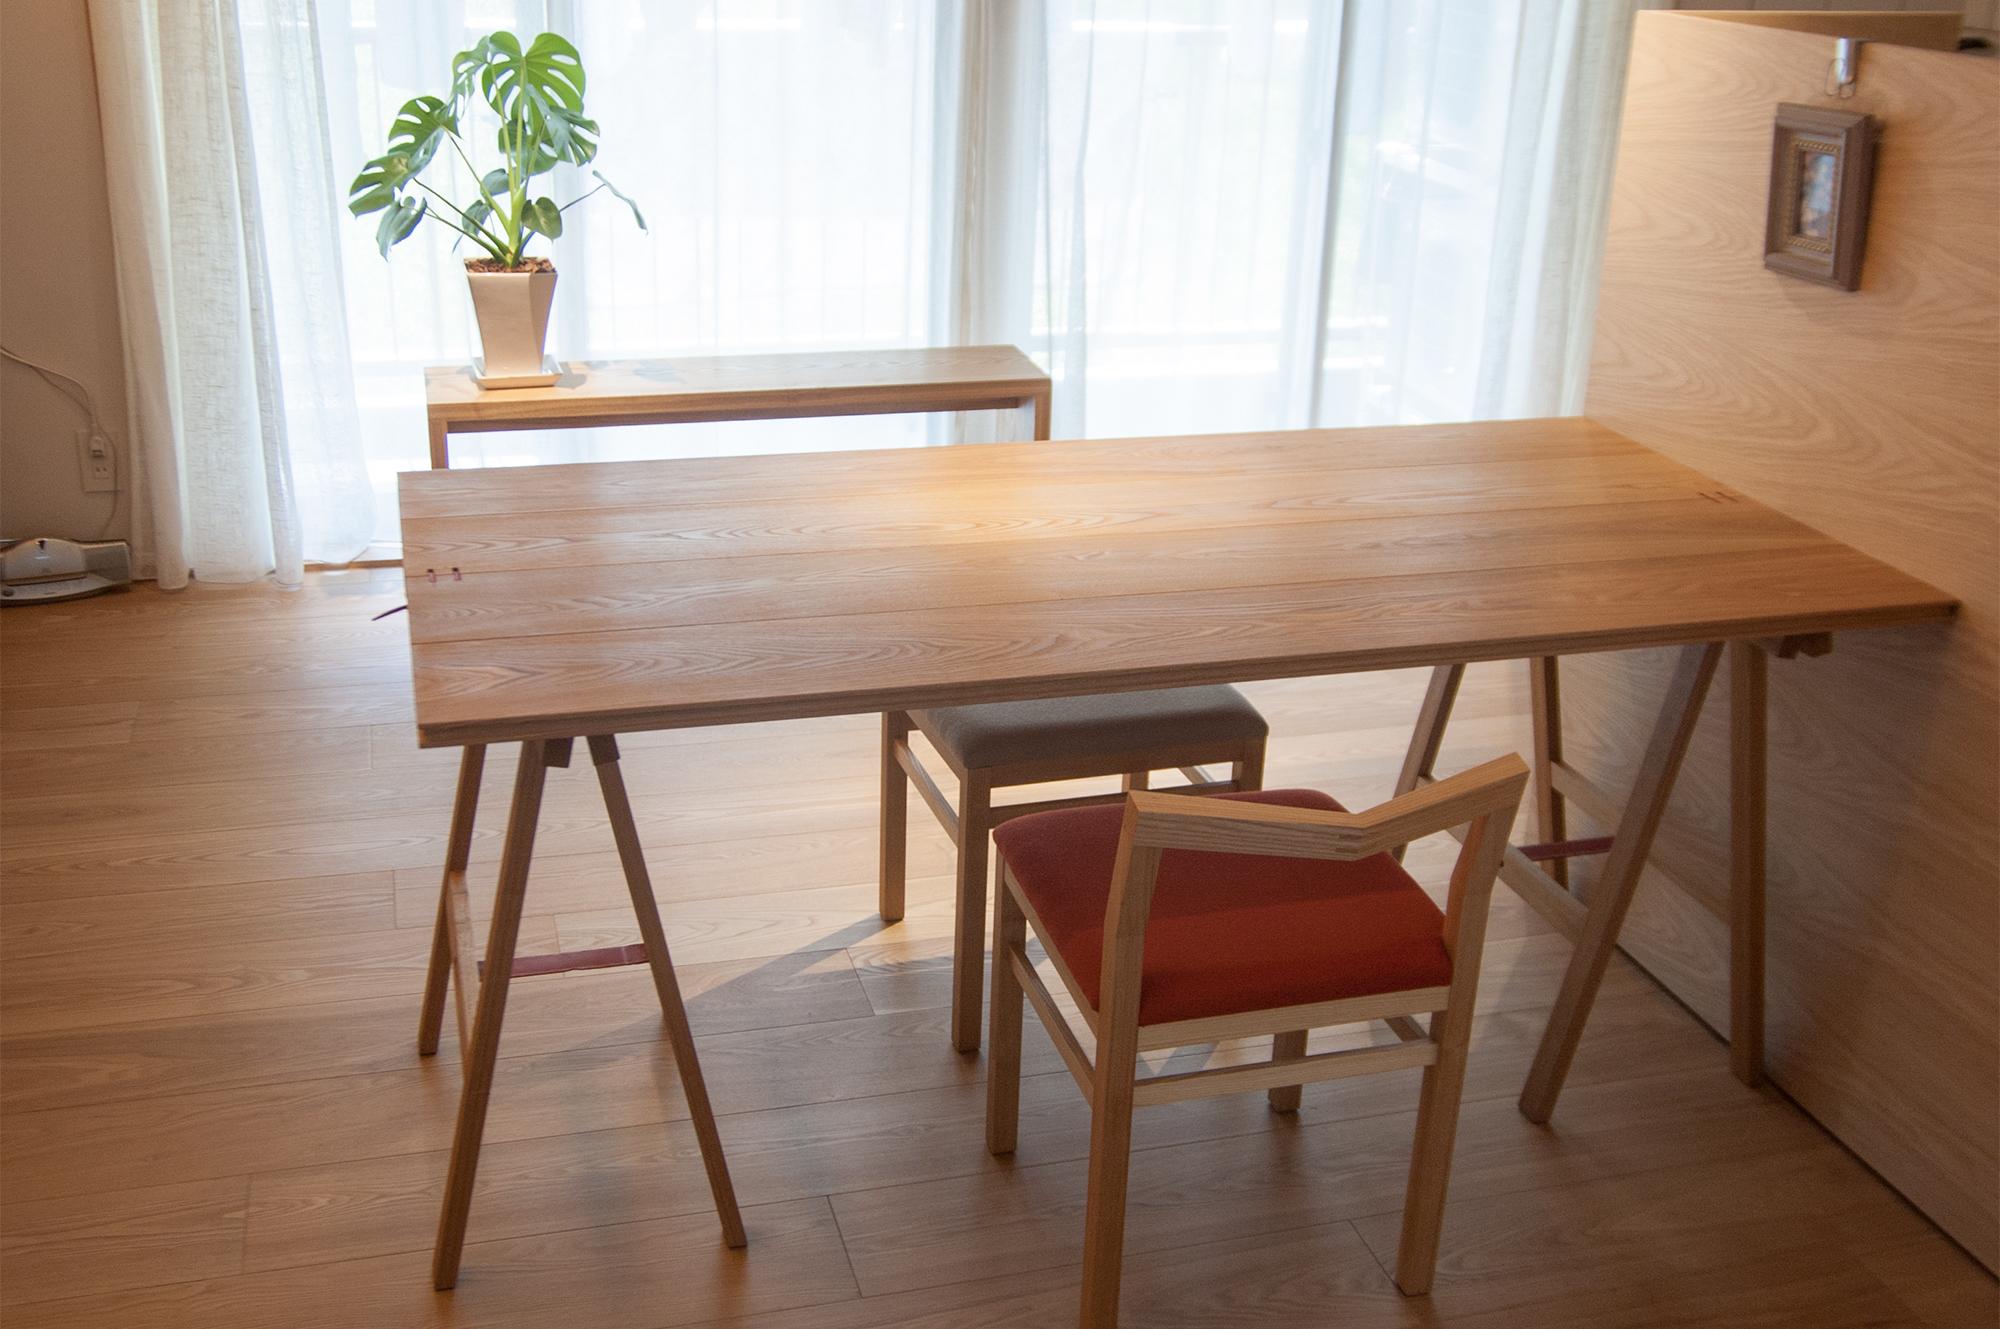 折りたたみテーブルとピコチェアを組み合わせたダイニングセット